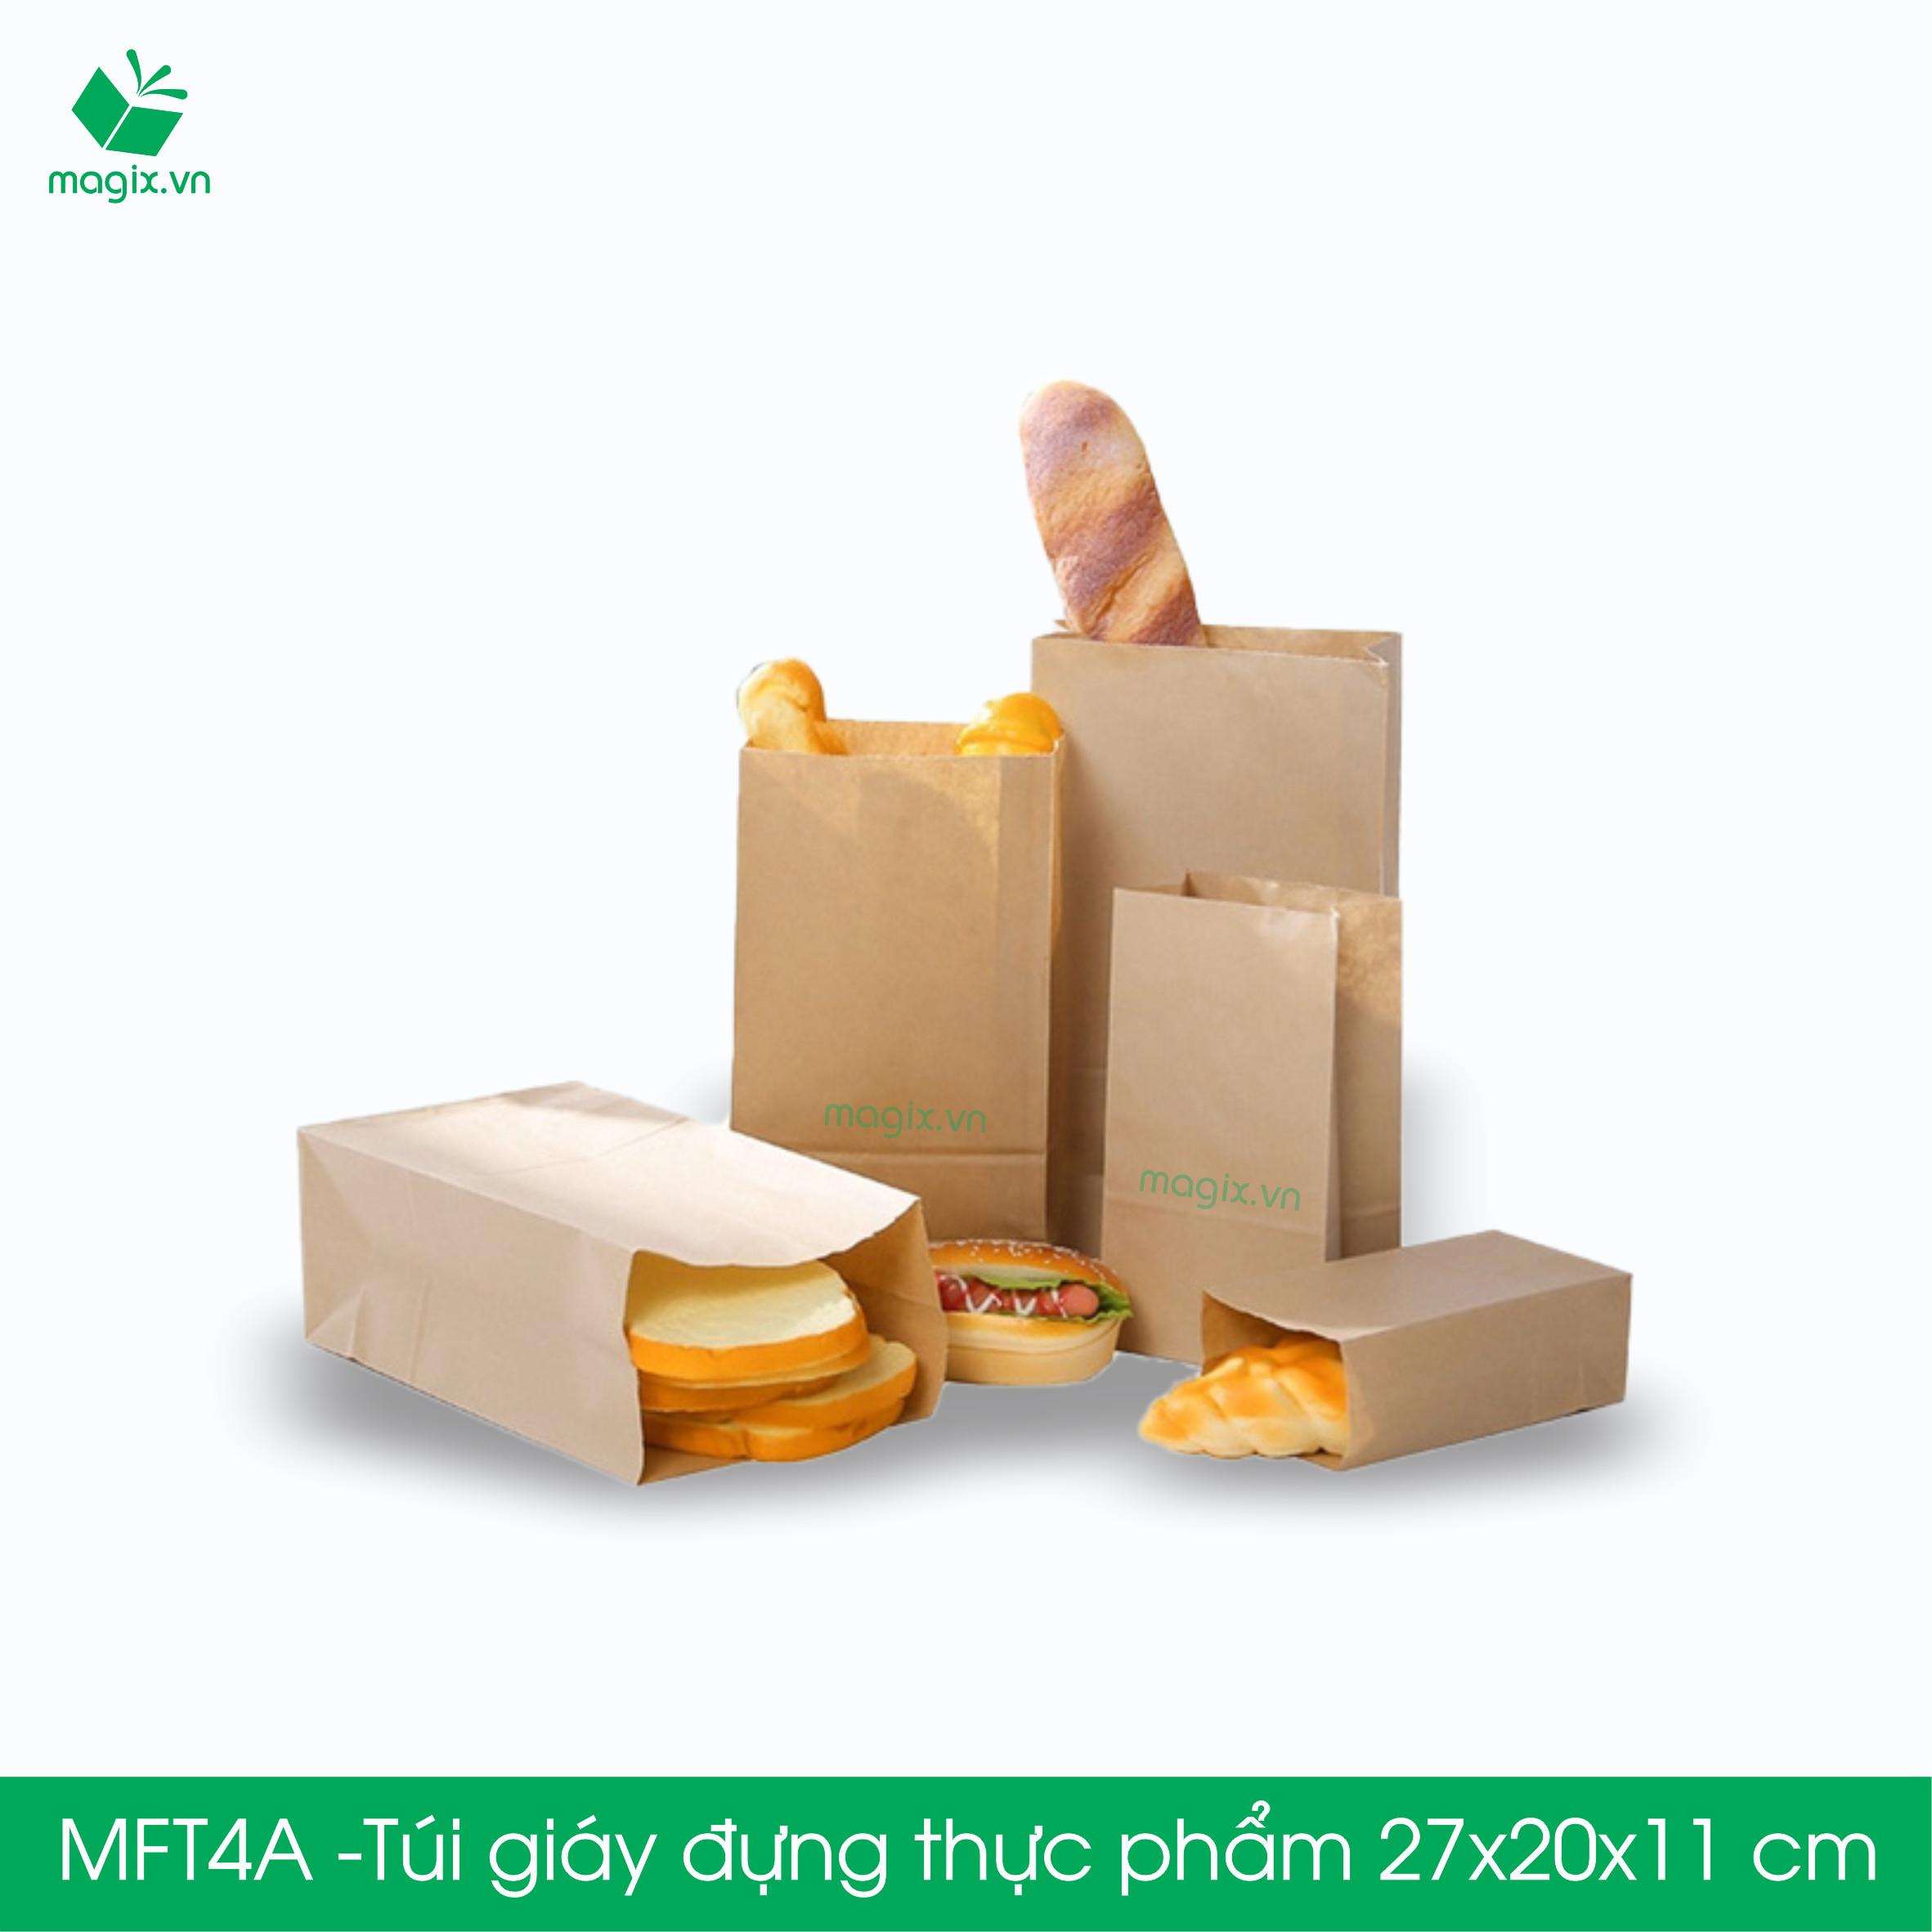 MFT4A - 27x20x11 cm - 500 Túi đựng thực phẩm - Túi đựng đồ ăn